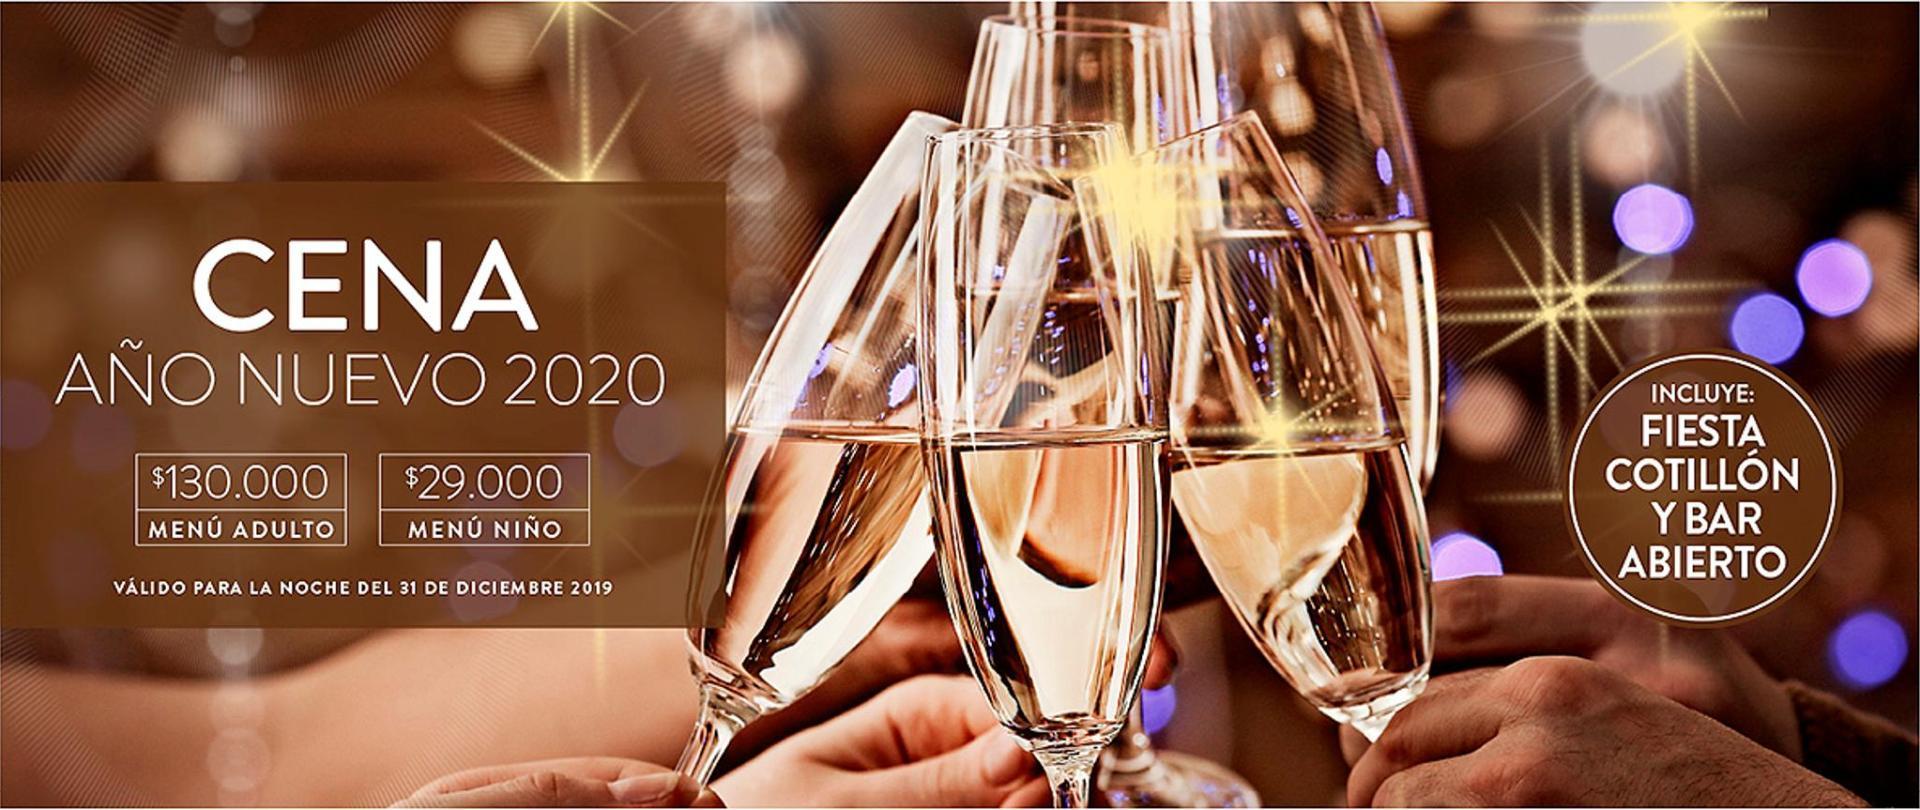 banner final cena año nuevo.png